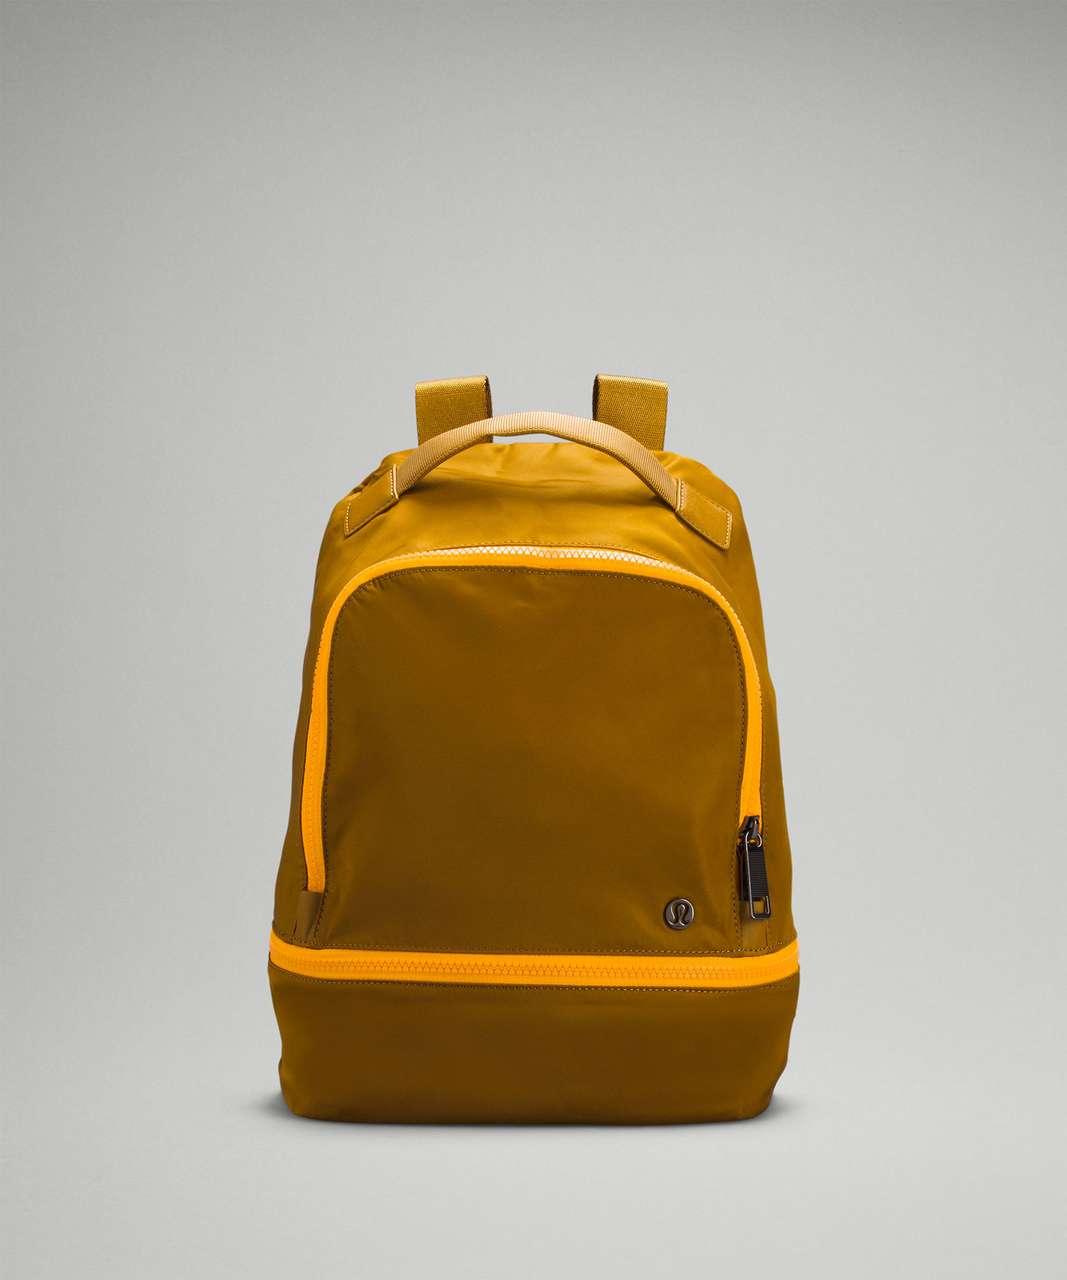 Lululemon City Adventurer Backpack 10L - Gold Spice